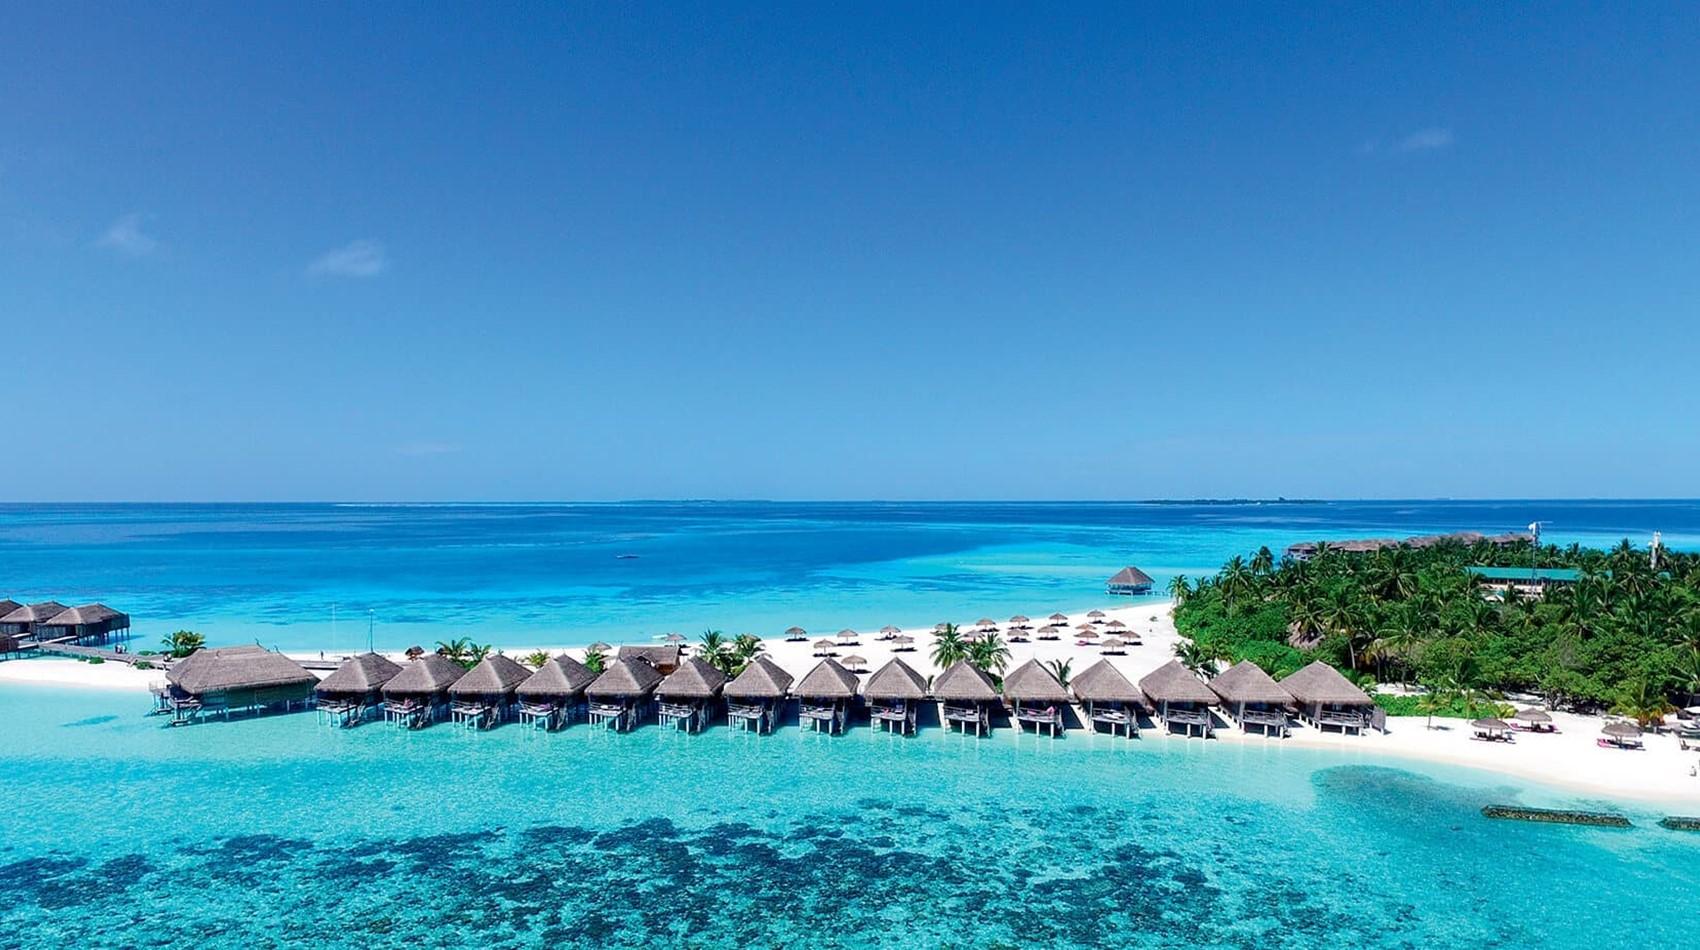 صور جزر المالديف 14